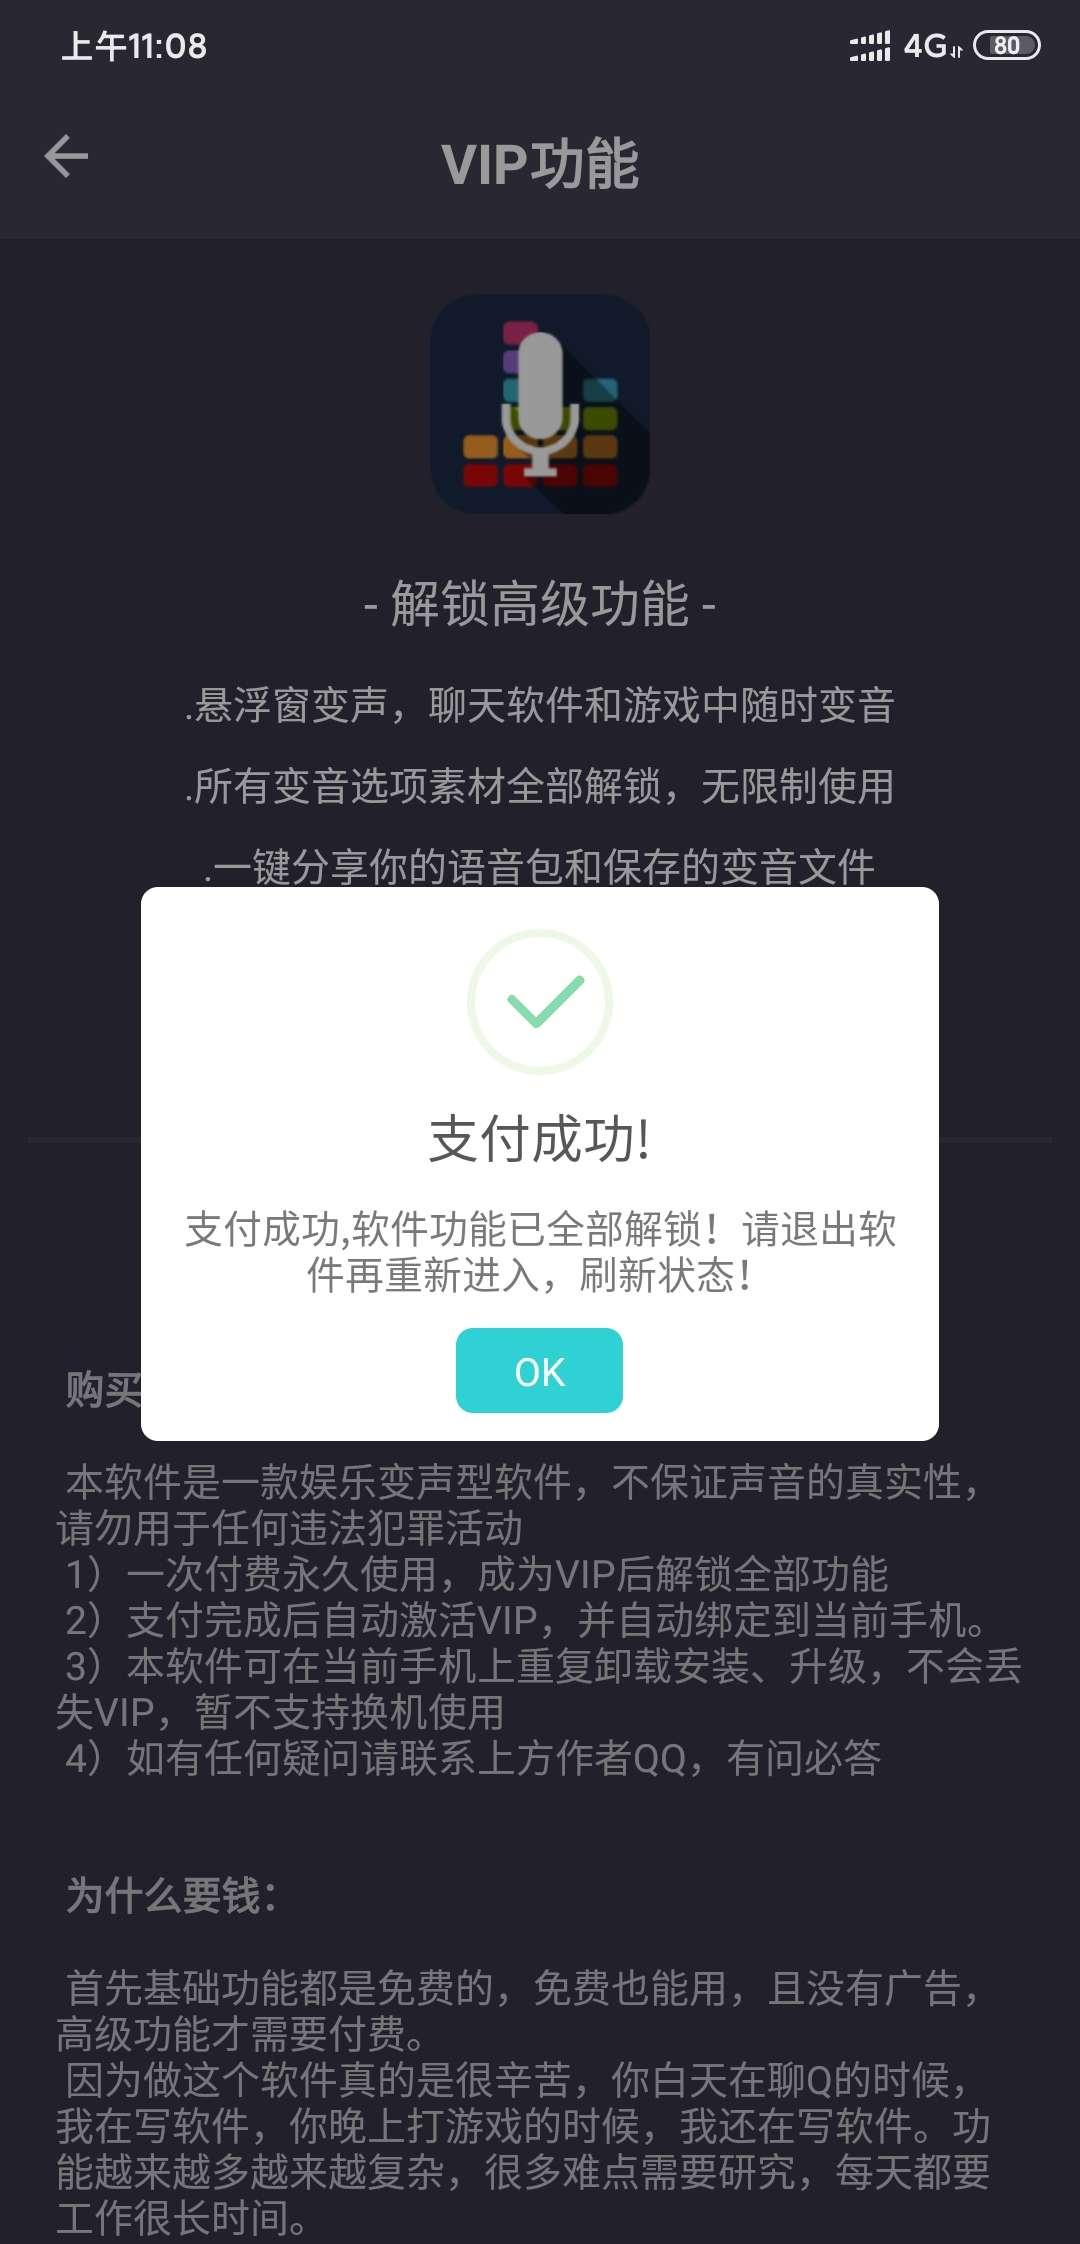 【安卓软件】专业变声器v2.6已解锁会员和所有特权